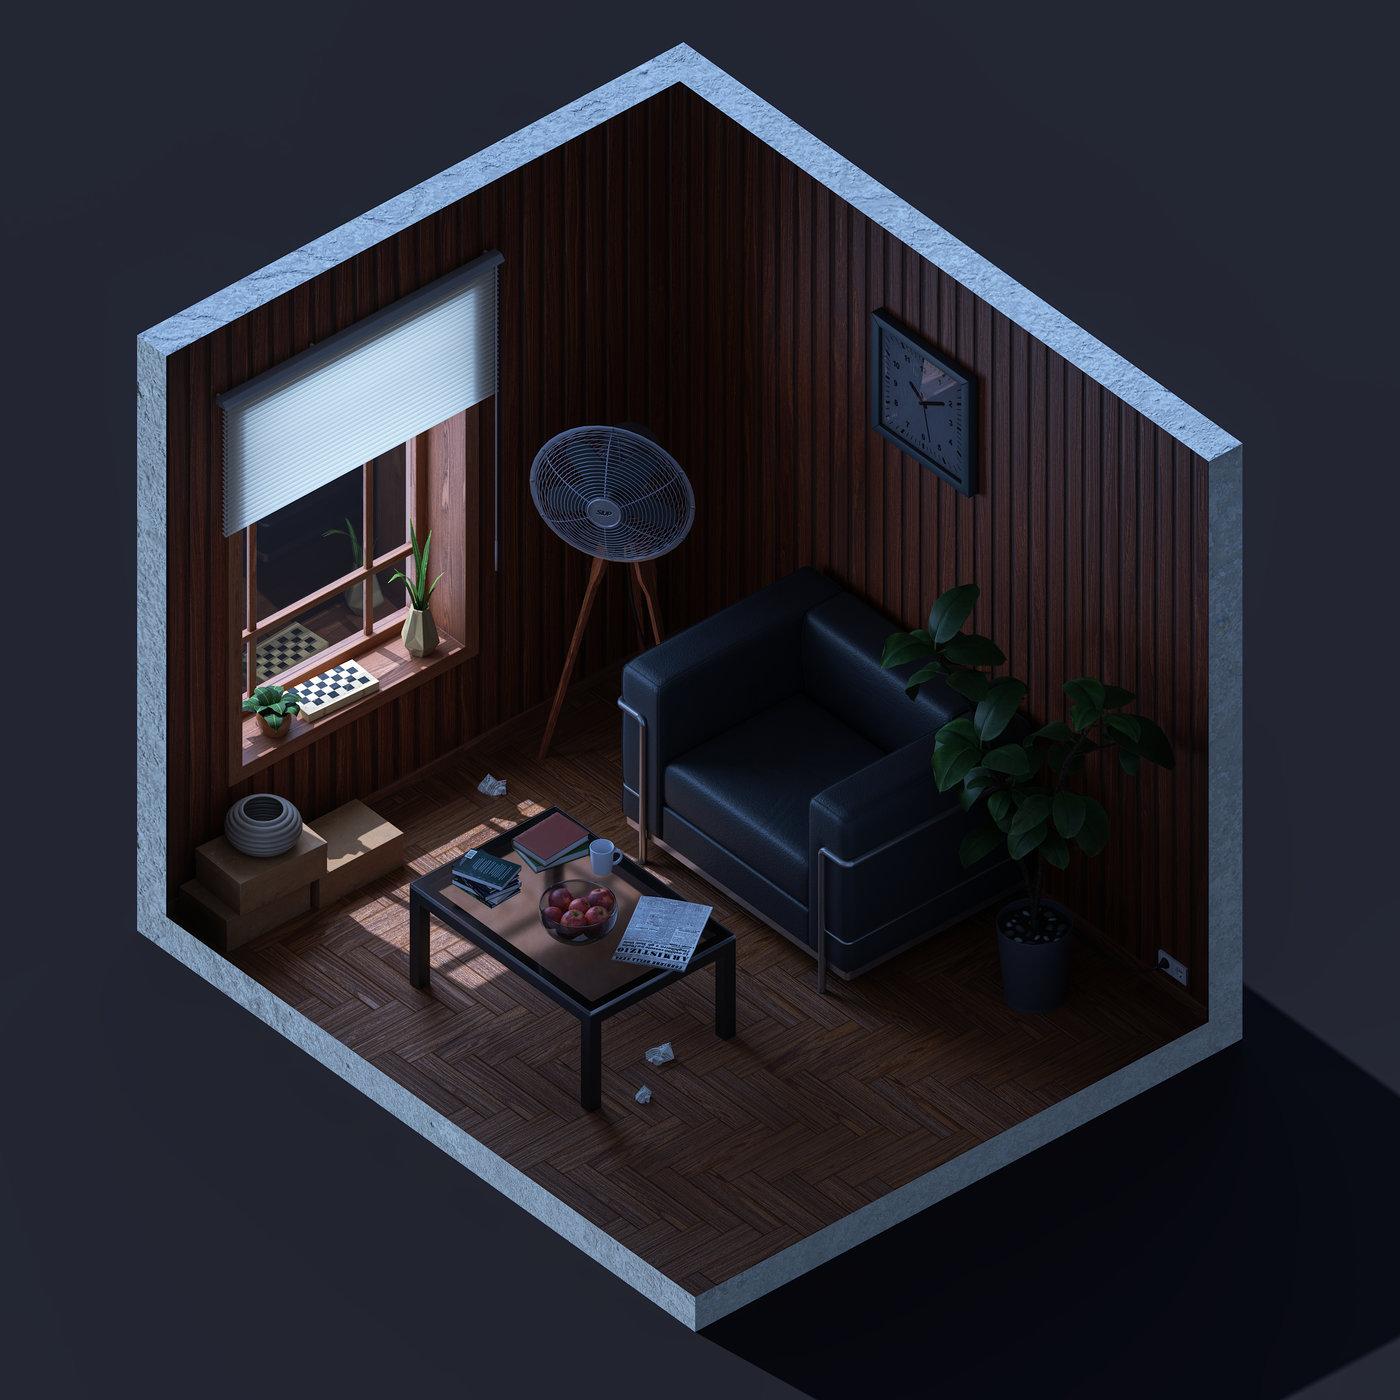 Comfort in the attic